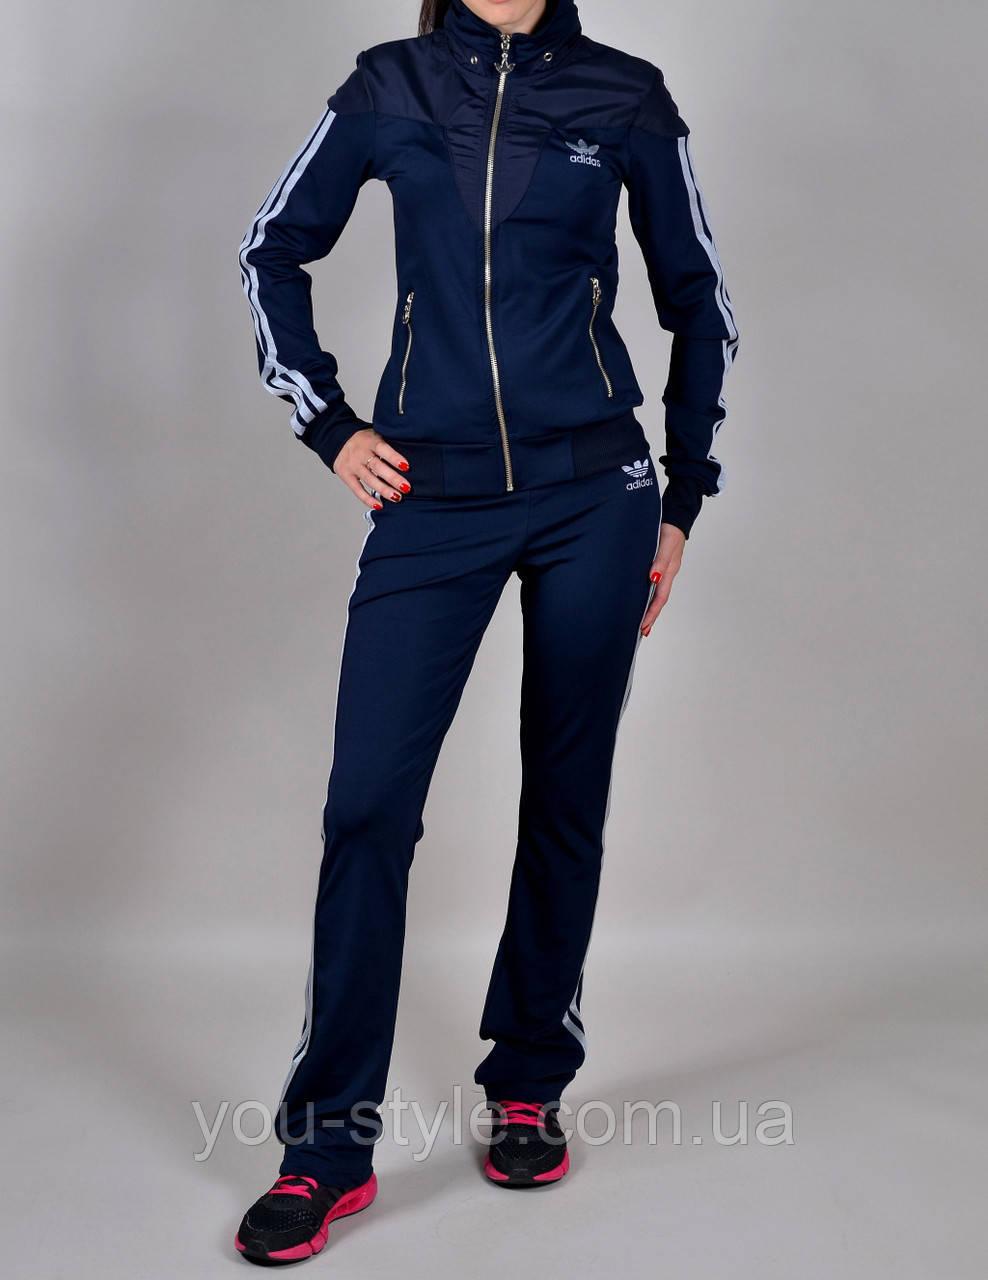 Женский спортивный костюм Adidas 1030 Темно-синий - Интернет магазин